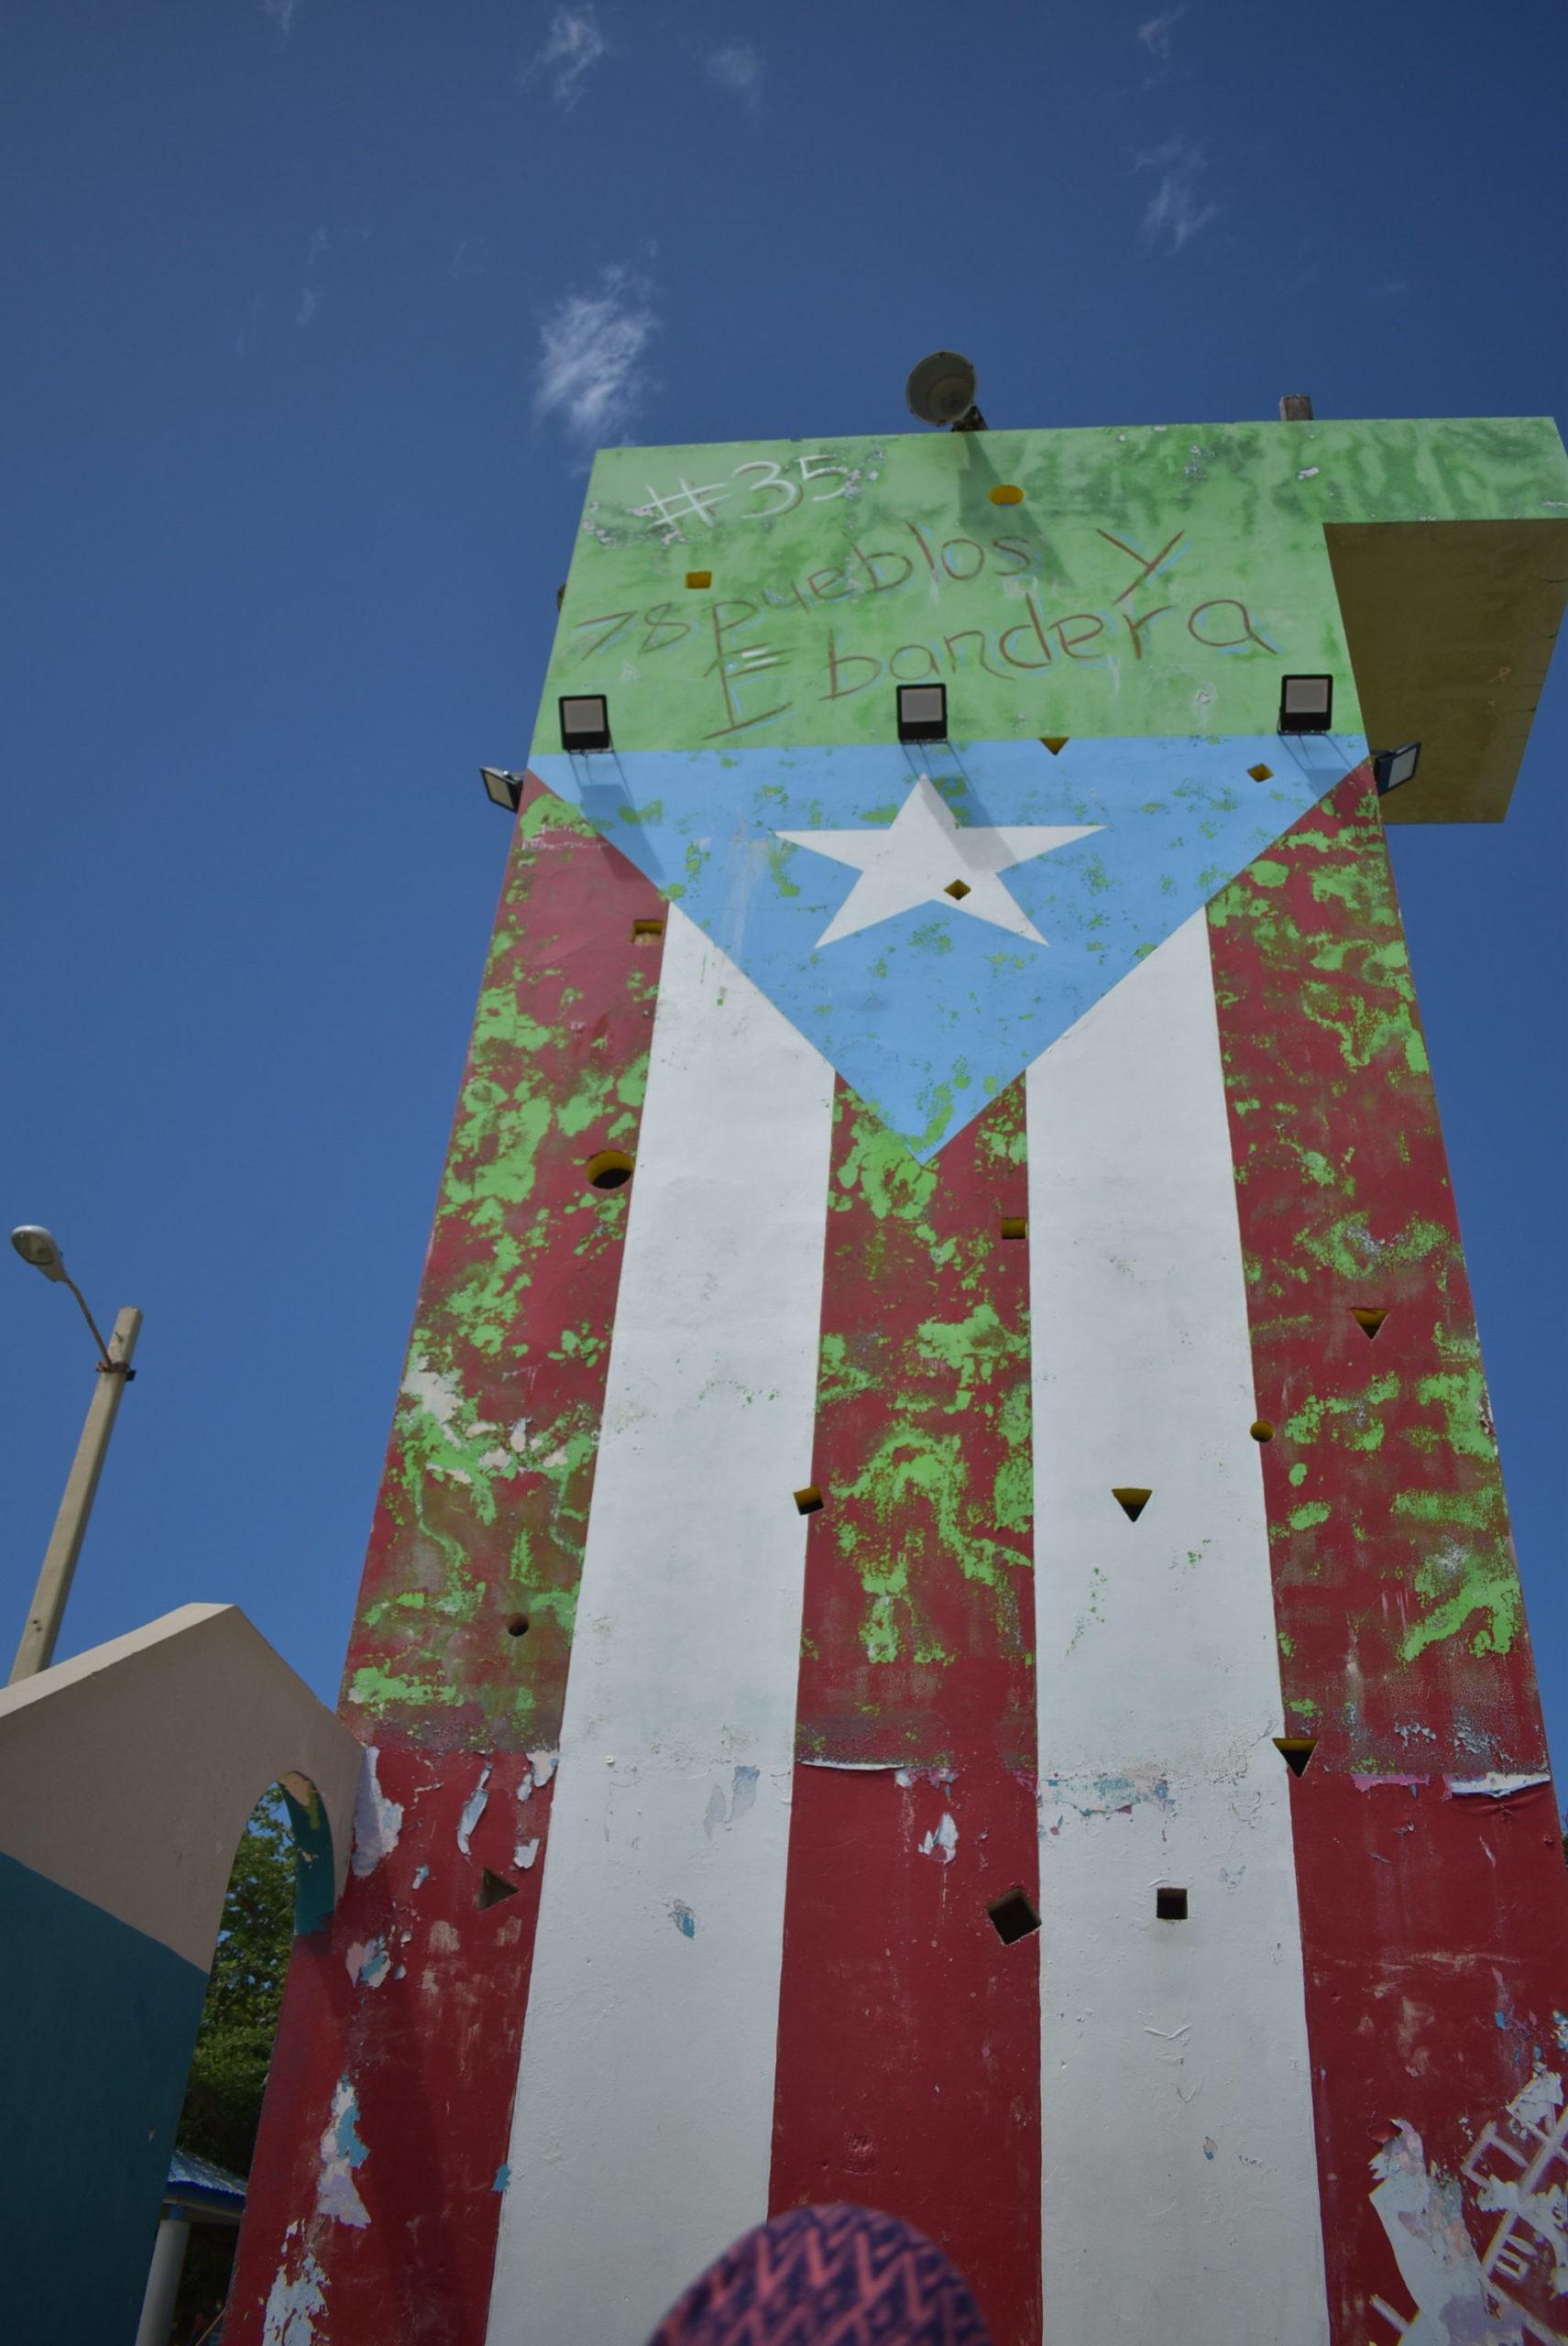 78 Pueblos y 1 Bandera